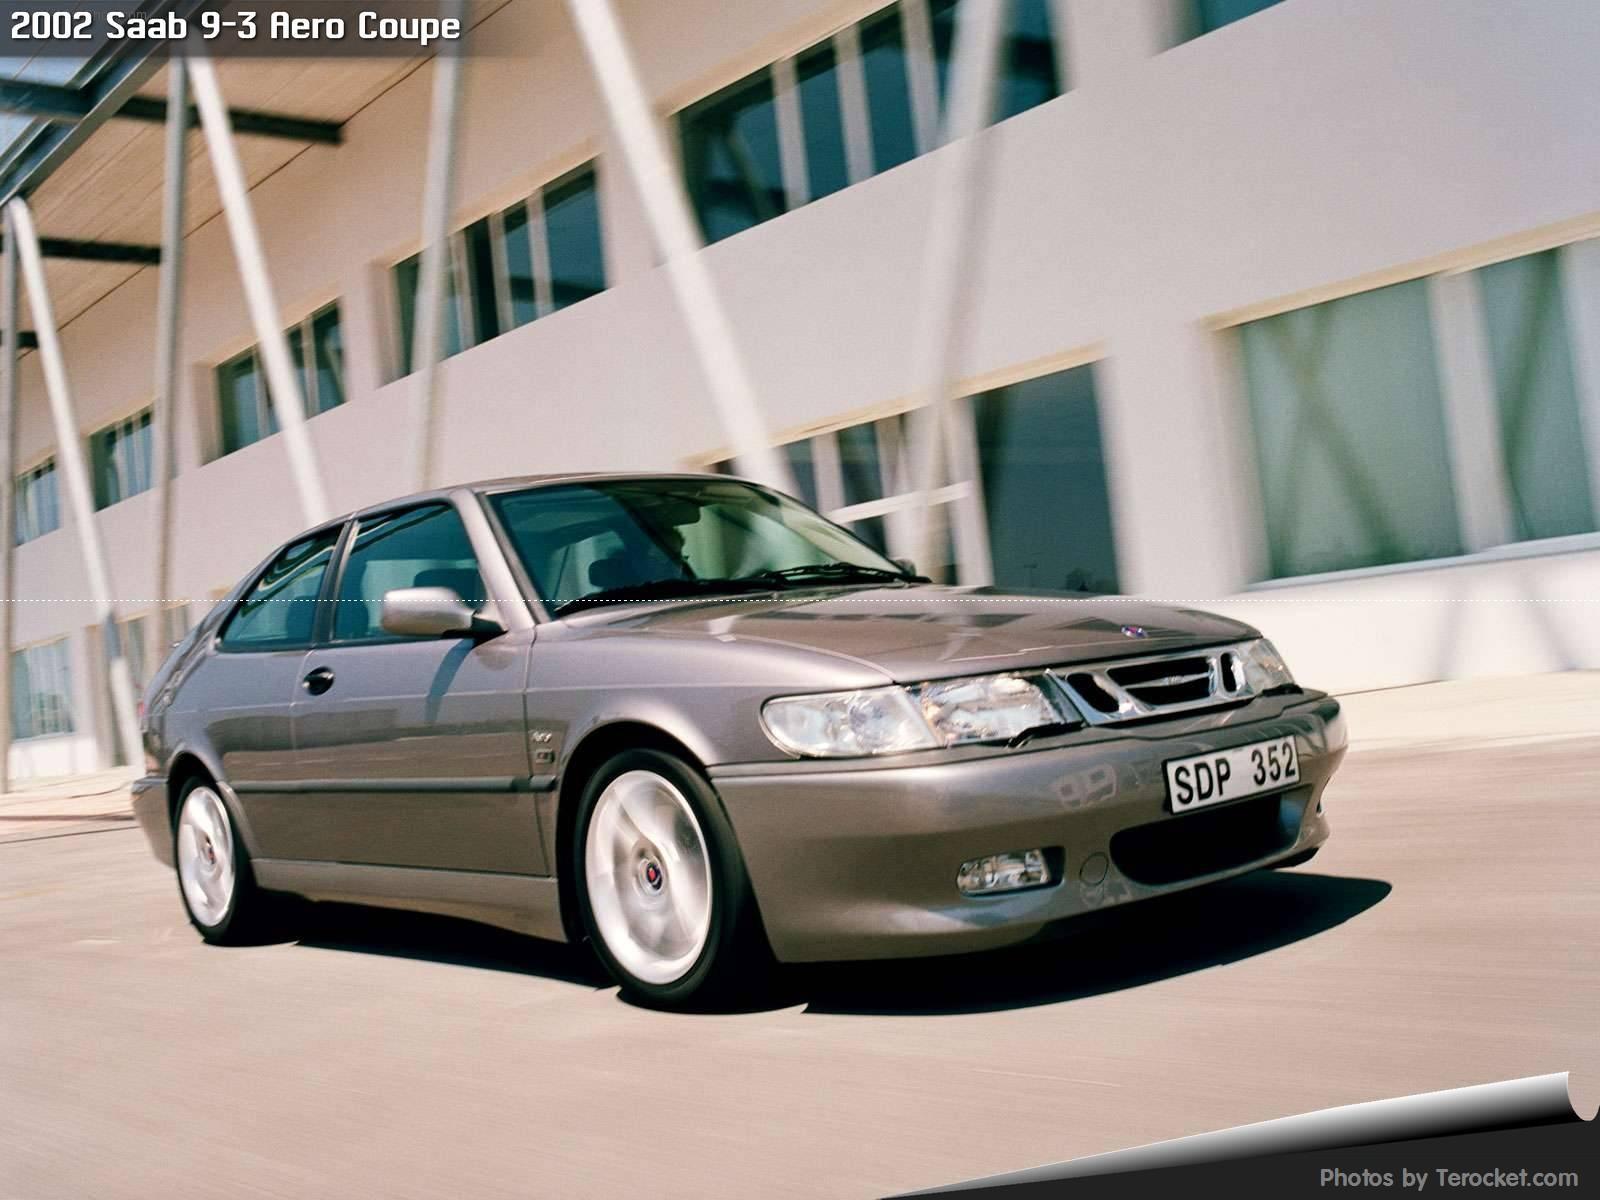 Hình ảnh xe ô tô Saab 9-3 Aero Coupe 2002 & nội ngoại thất